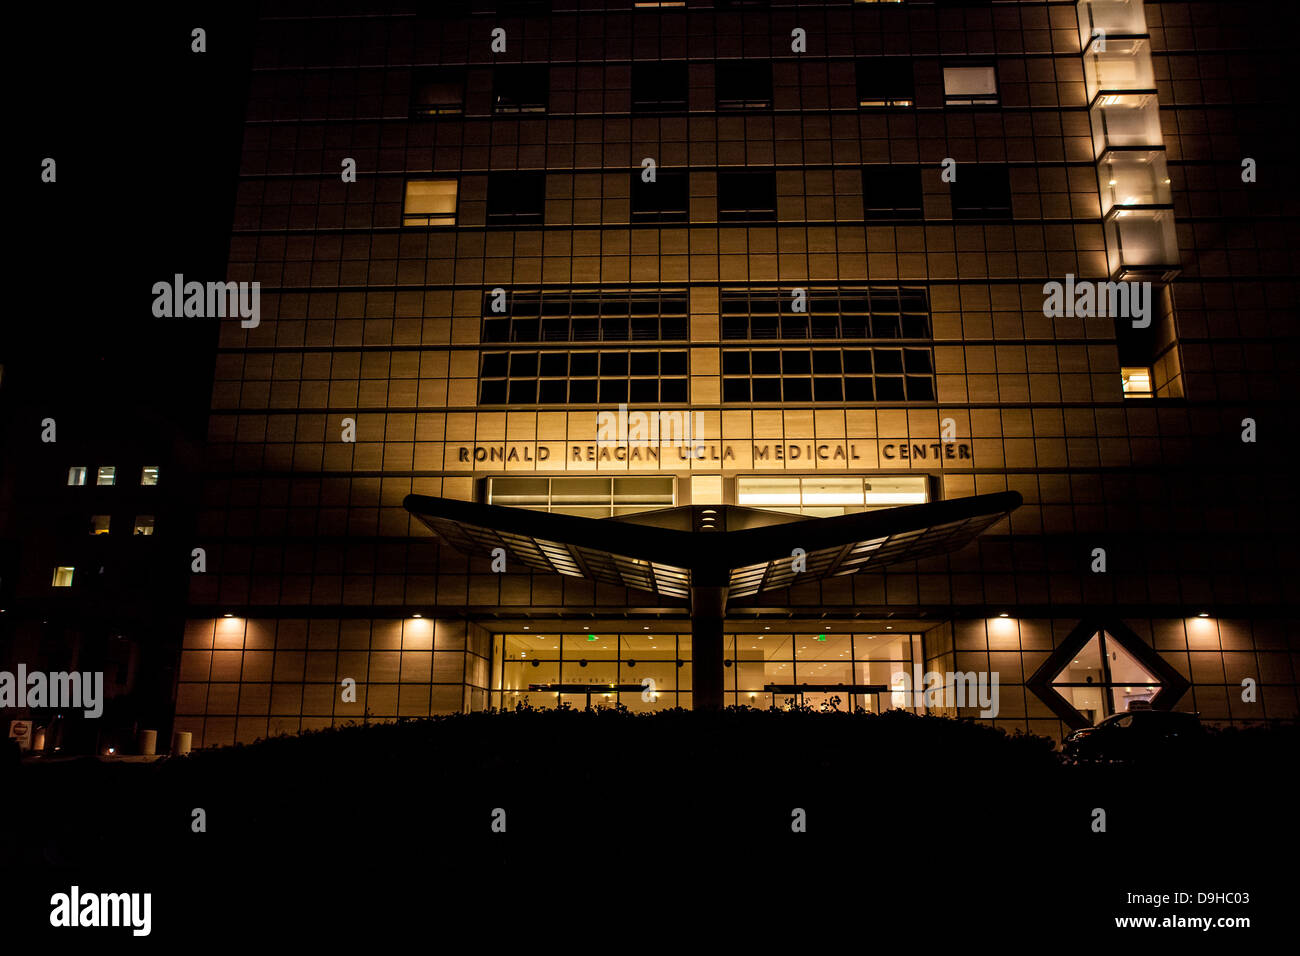 UCLA Ronald Reagan Medical Center Westwood Calif - Stock Image